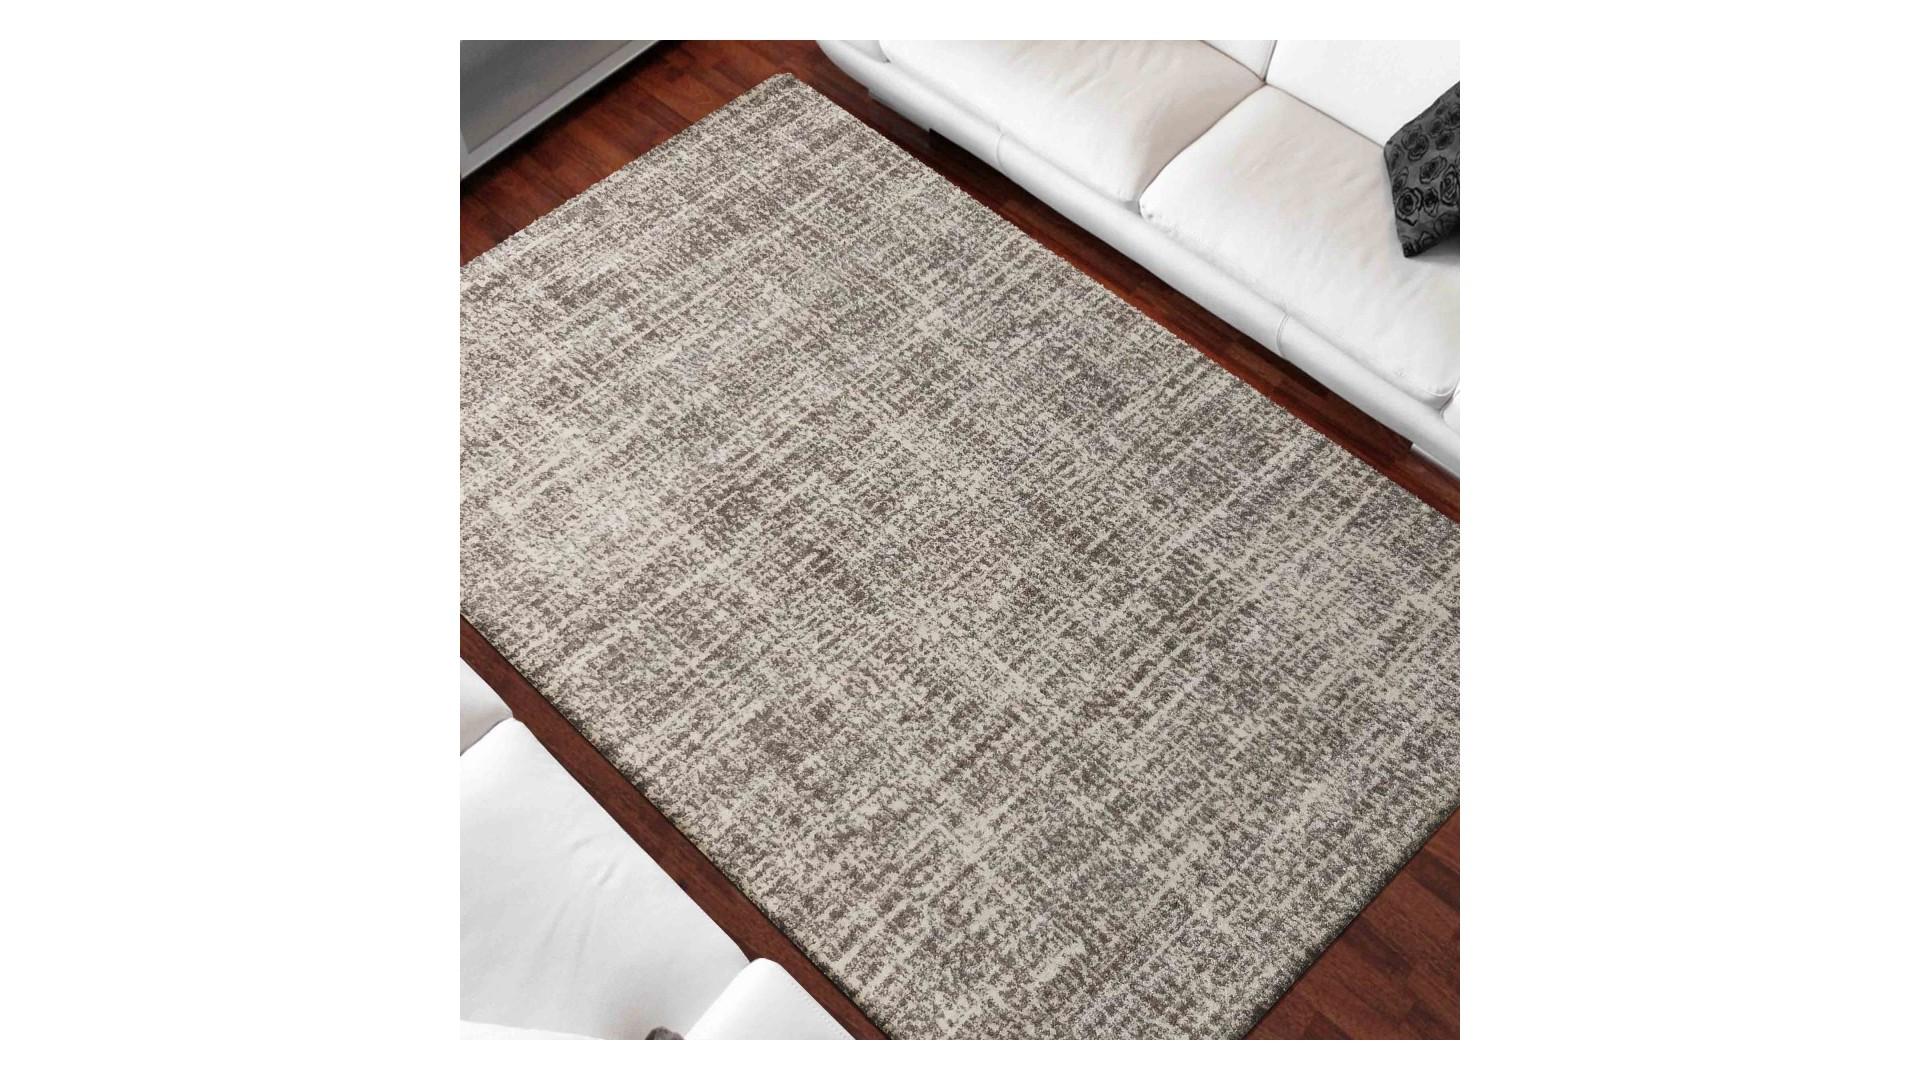 Modny dywan do nowoczesnego wnetrza.Ciepła pastelowa kolorystyka